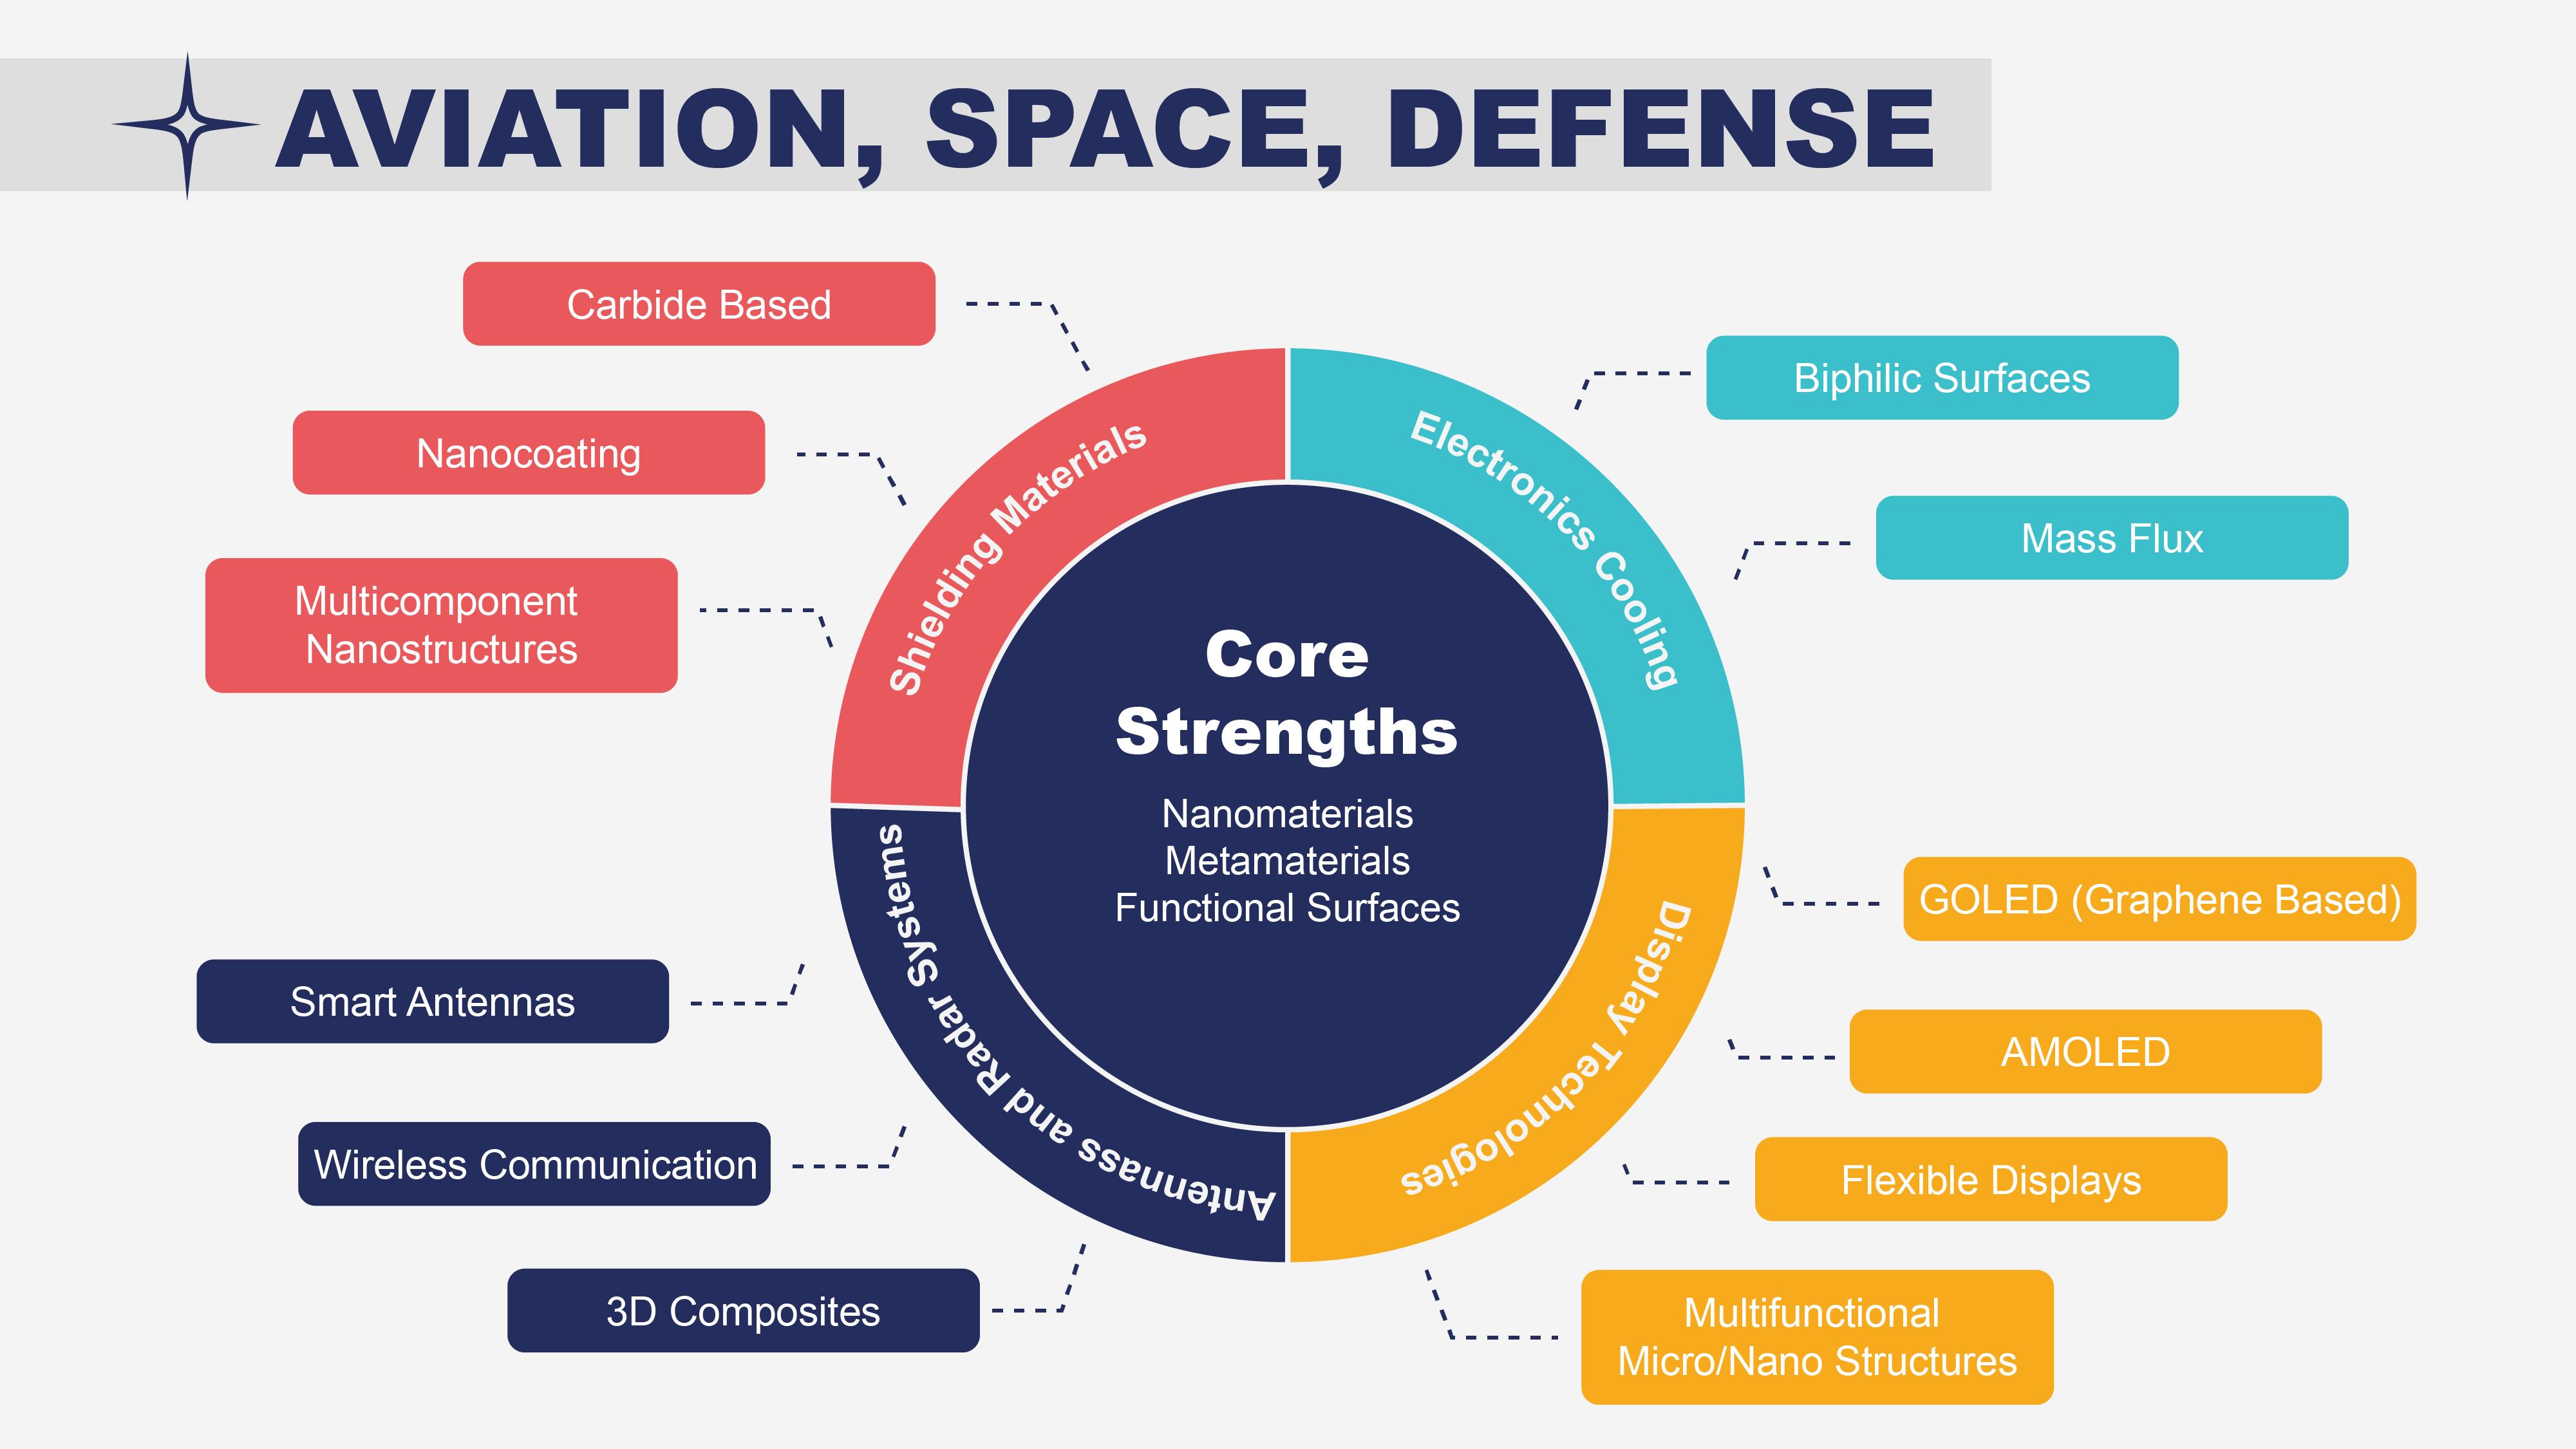 Sunum Aviation, Space, Defense